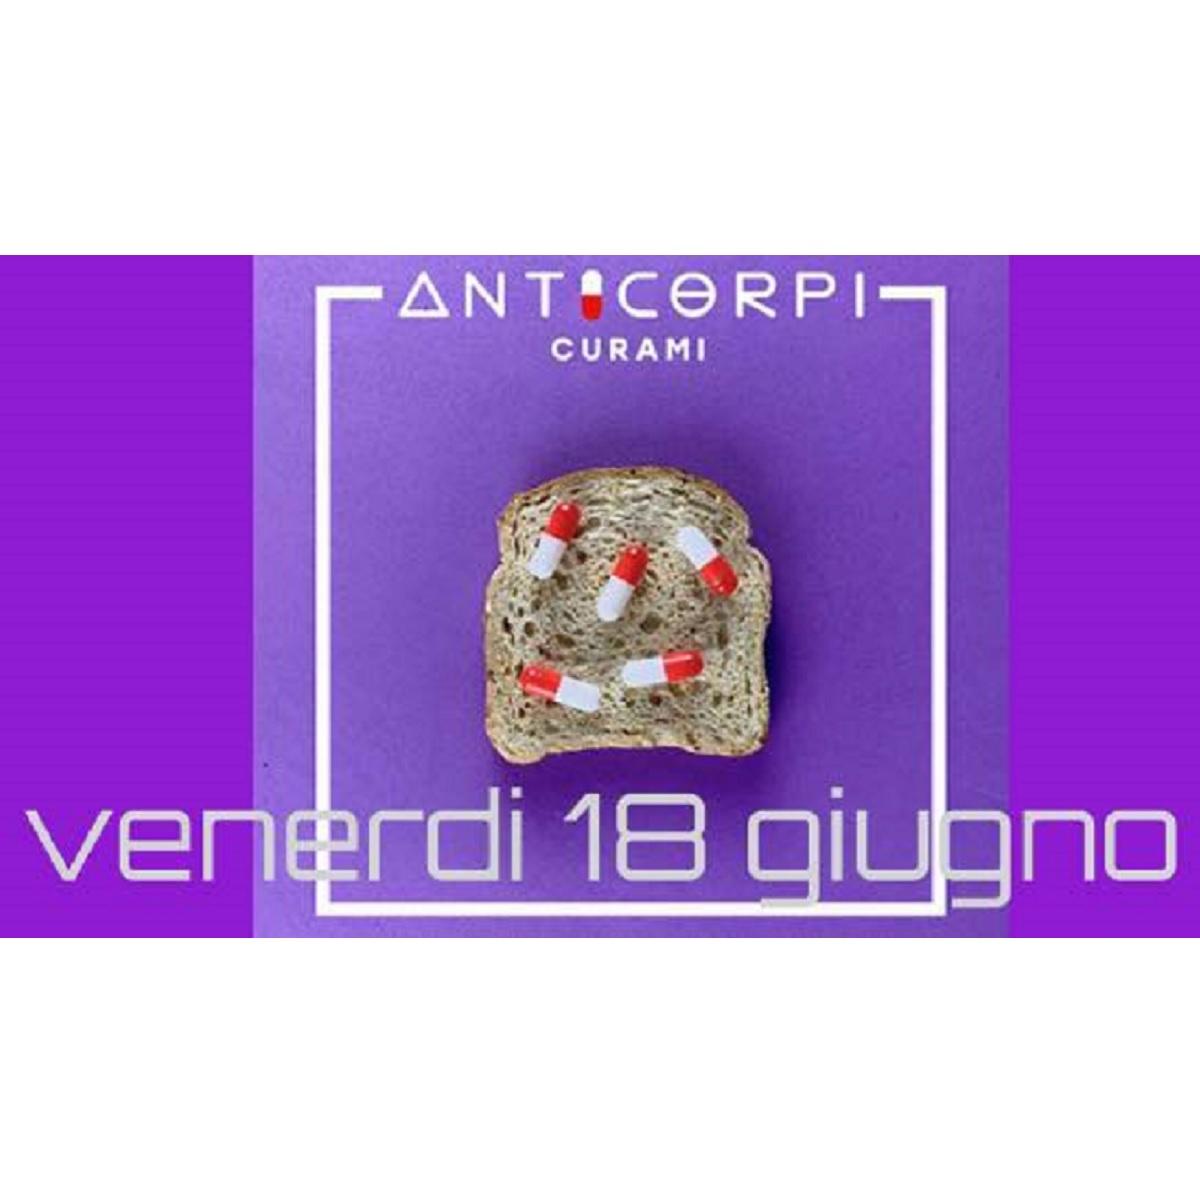 Anticorpi live ad Atri il 18 giugno 2021 foto